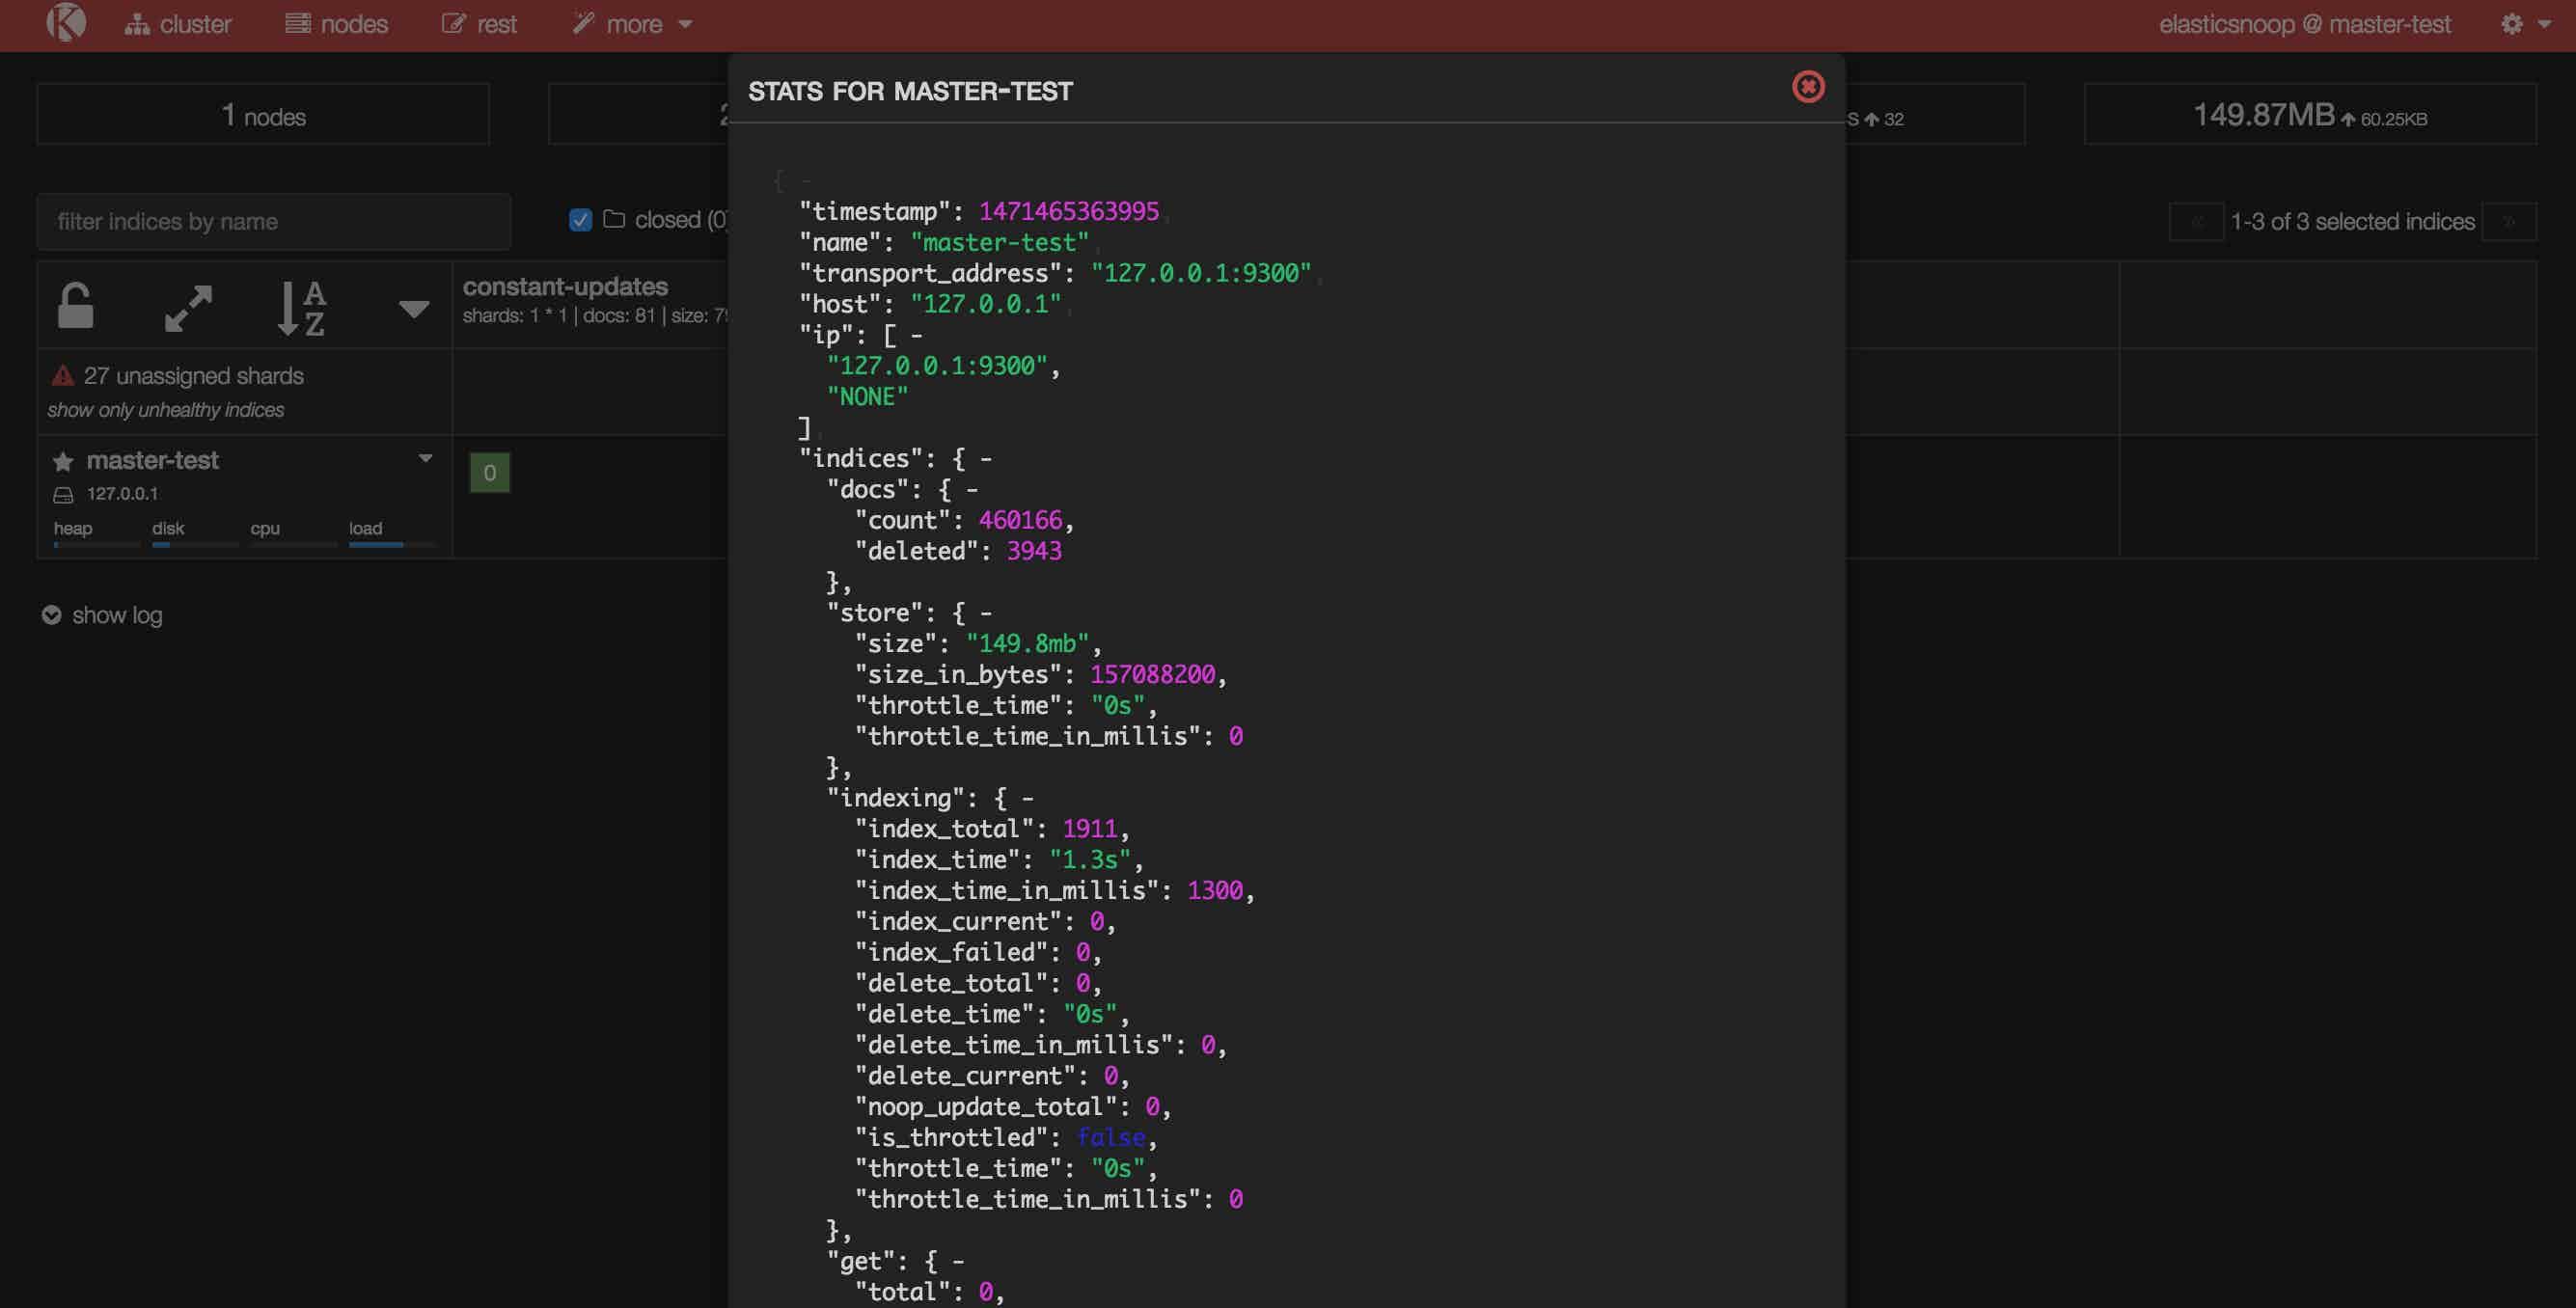 monitor elasticsearch metrics kopf nodes stats